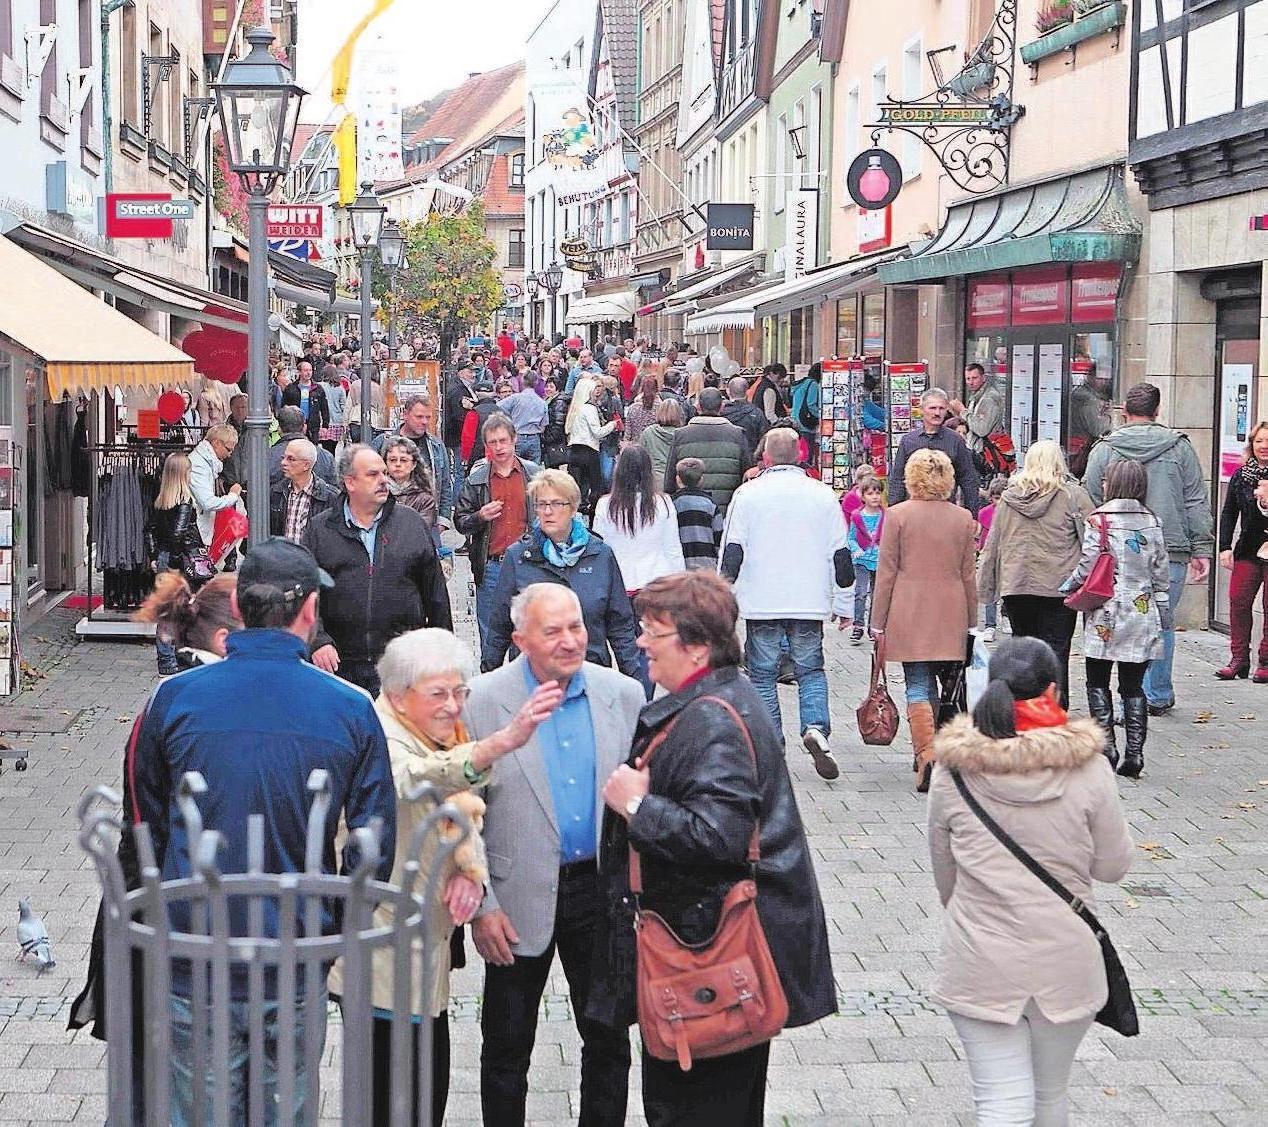 """Zeit zum Einkaufen, Zeit zum Schauen und """"Waafn"""": Marktzeit ist für viele Kulmbacher Anlass, sich zu treffen und zu schauen, was die vielen Fieranten zu bieten haben."""